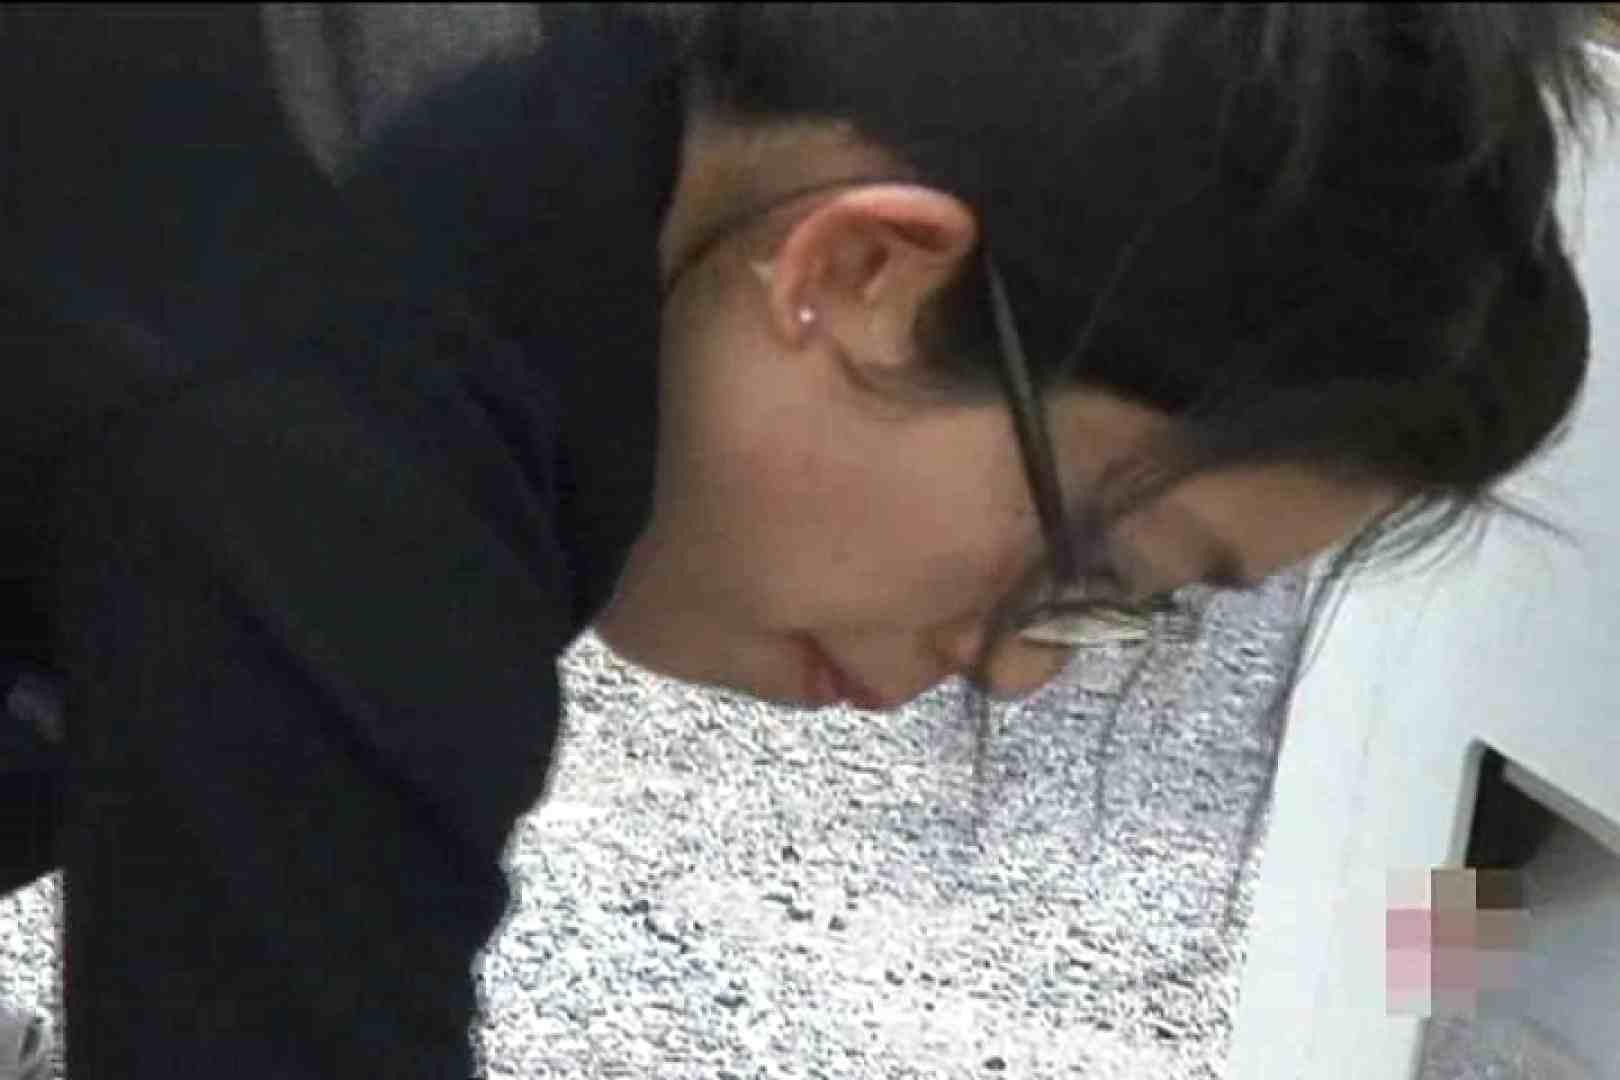 大胆露出胸チラギャル大量発生中!!Vol.3 現役ギャル おまんこ動画流出 88pic 73